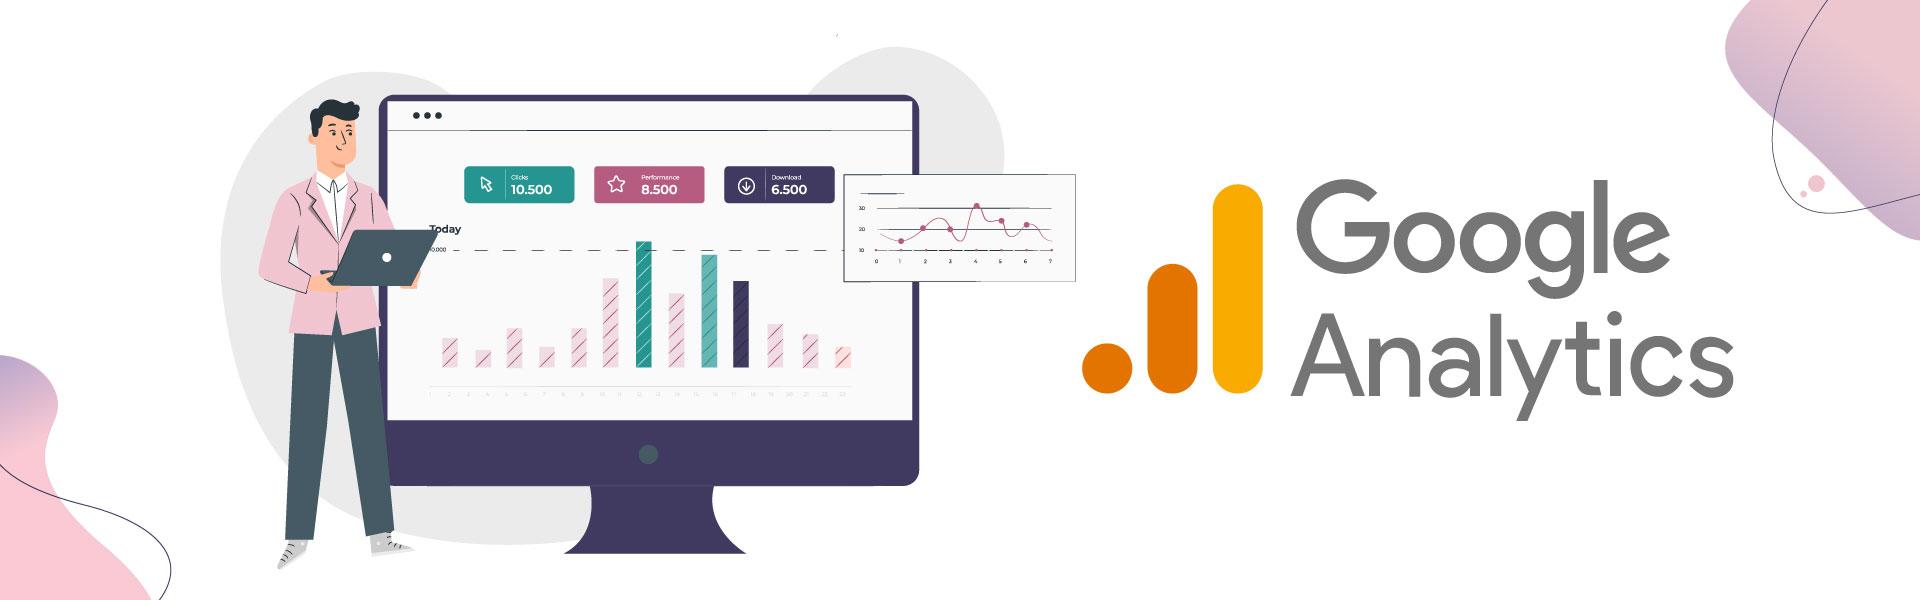 ¿Cómo crear cuenta en Google Analytics y conectarla con KUADSystem? thumbnail